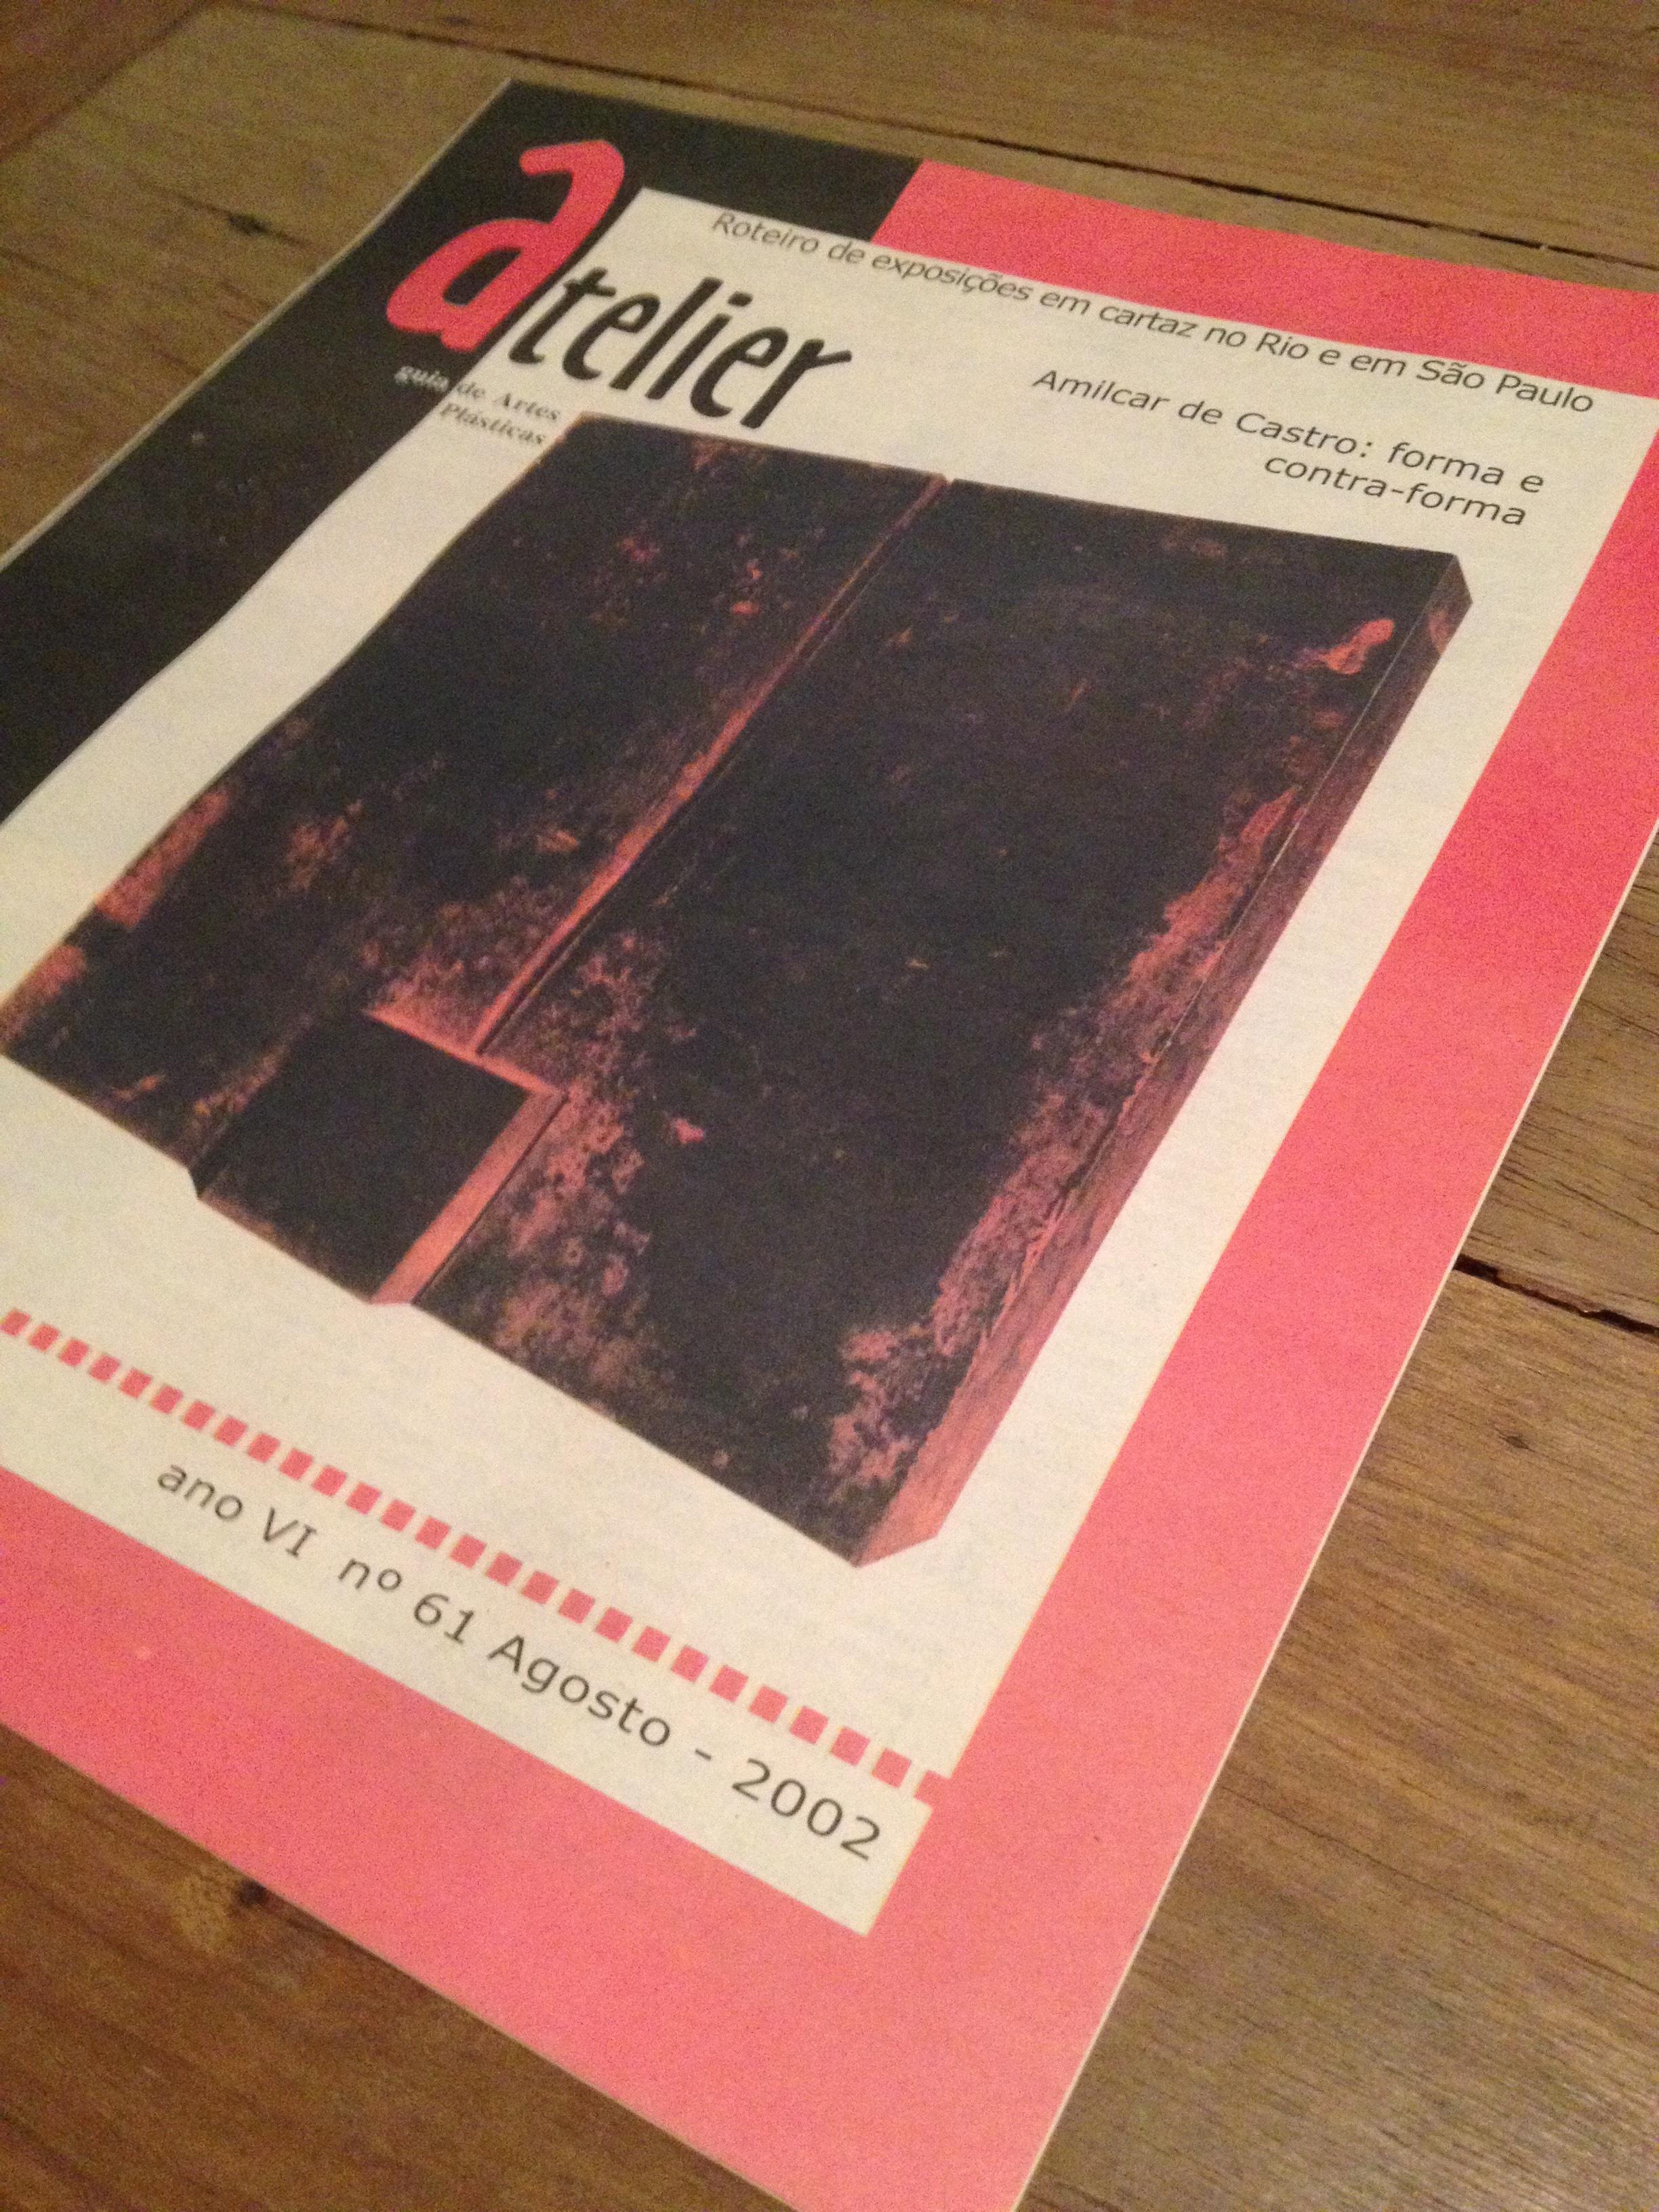 Na edição 61, o Atelier publicou entrevista exclusiva com Amilcar de Castro